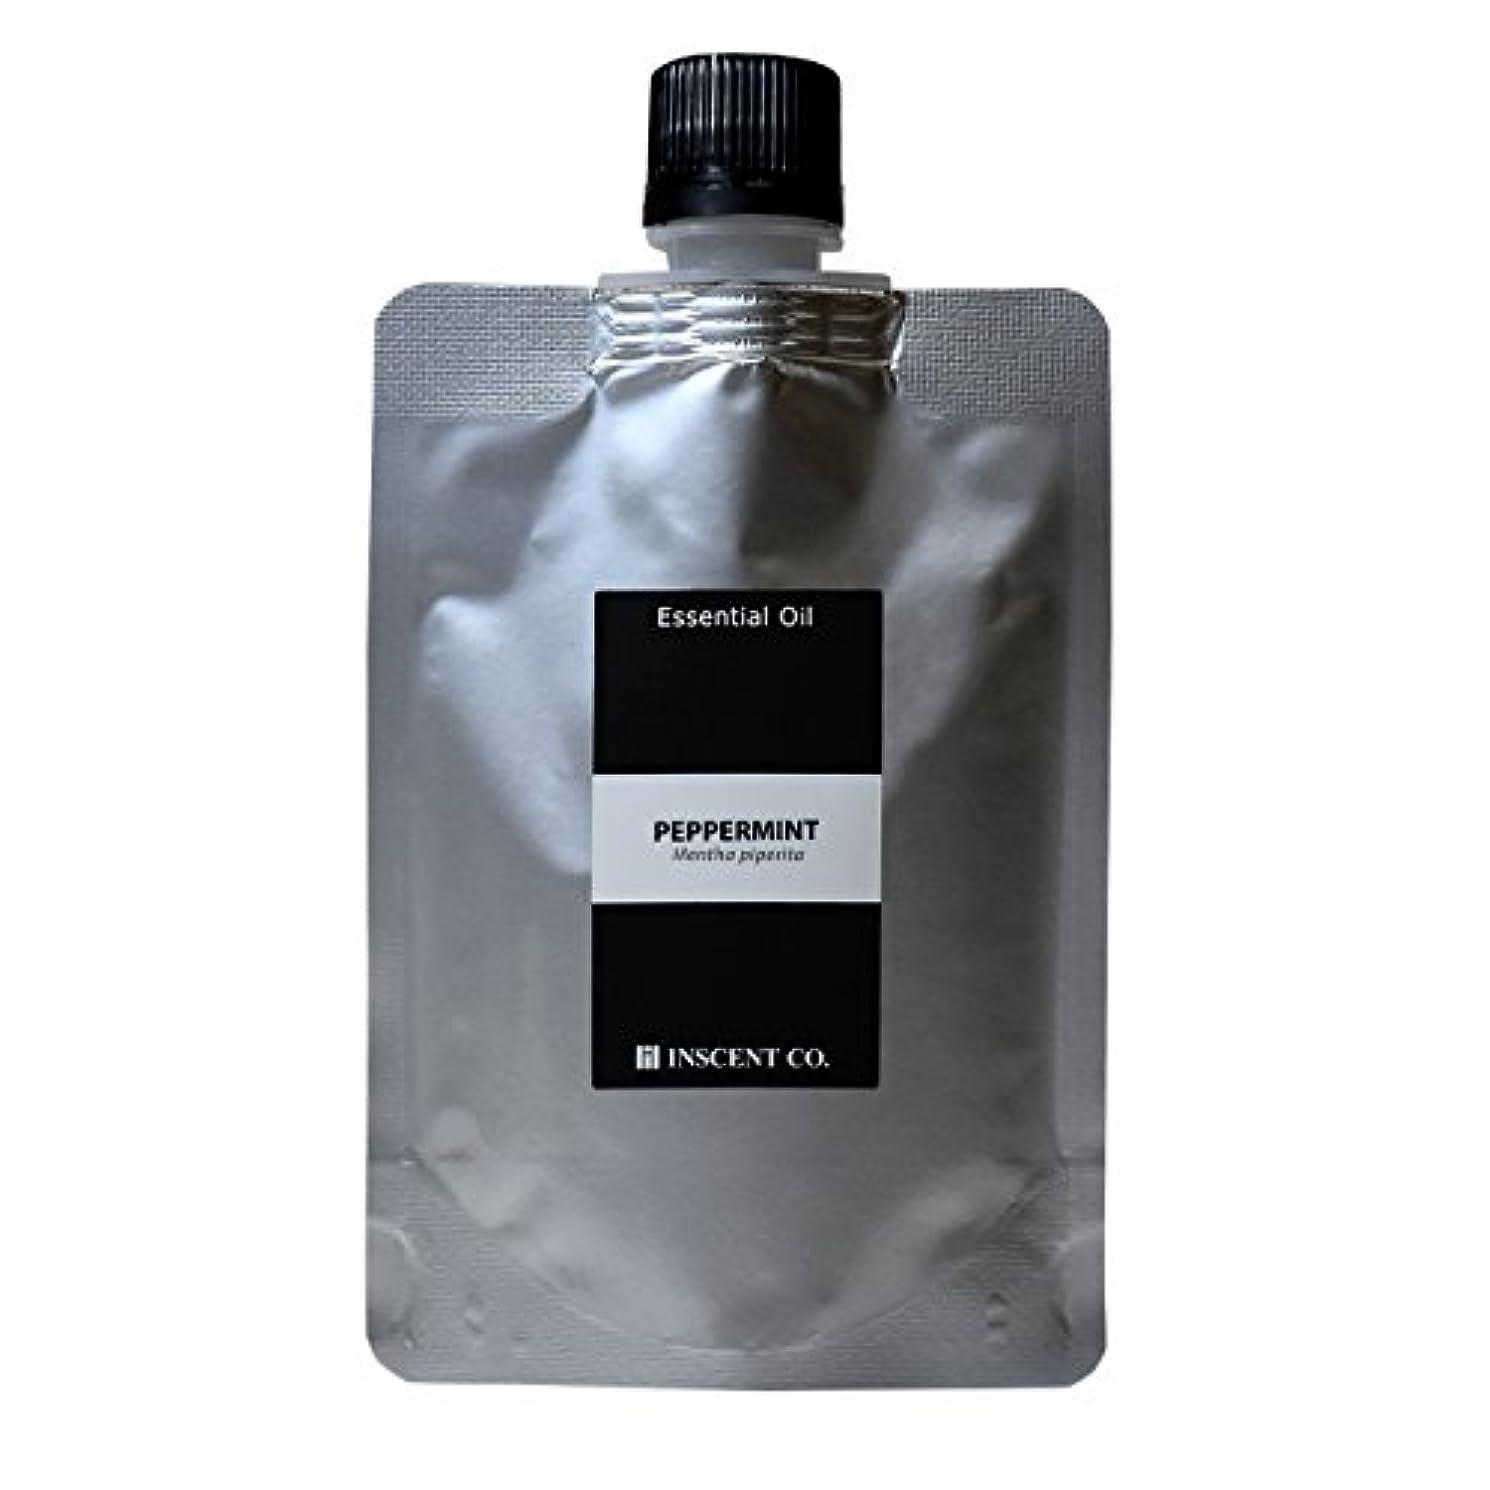 パリティぬれた申し立て(詰替用 アルミパック) ペパーミント 100ml インセント アロマオイル AEAJ 表示基準適合認定精油